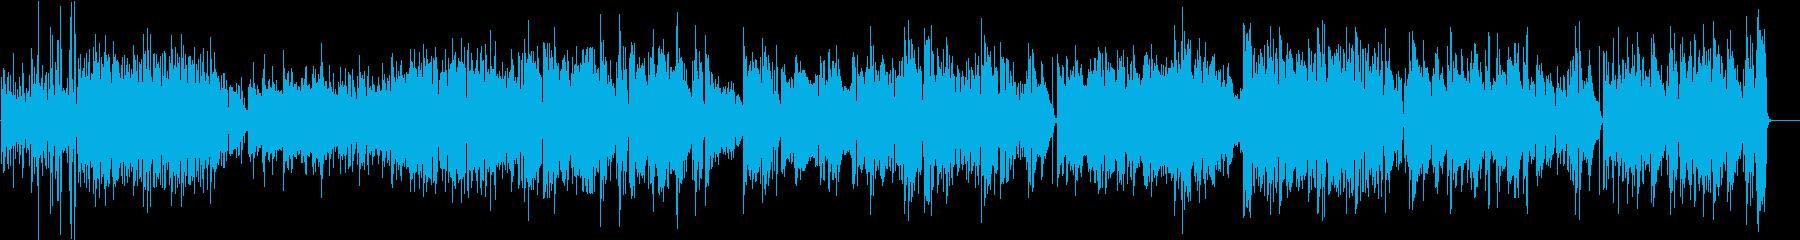 ラテン ジャズ 室内楽 モダン 交...の再生済みの波形